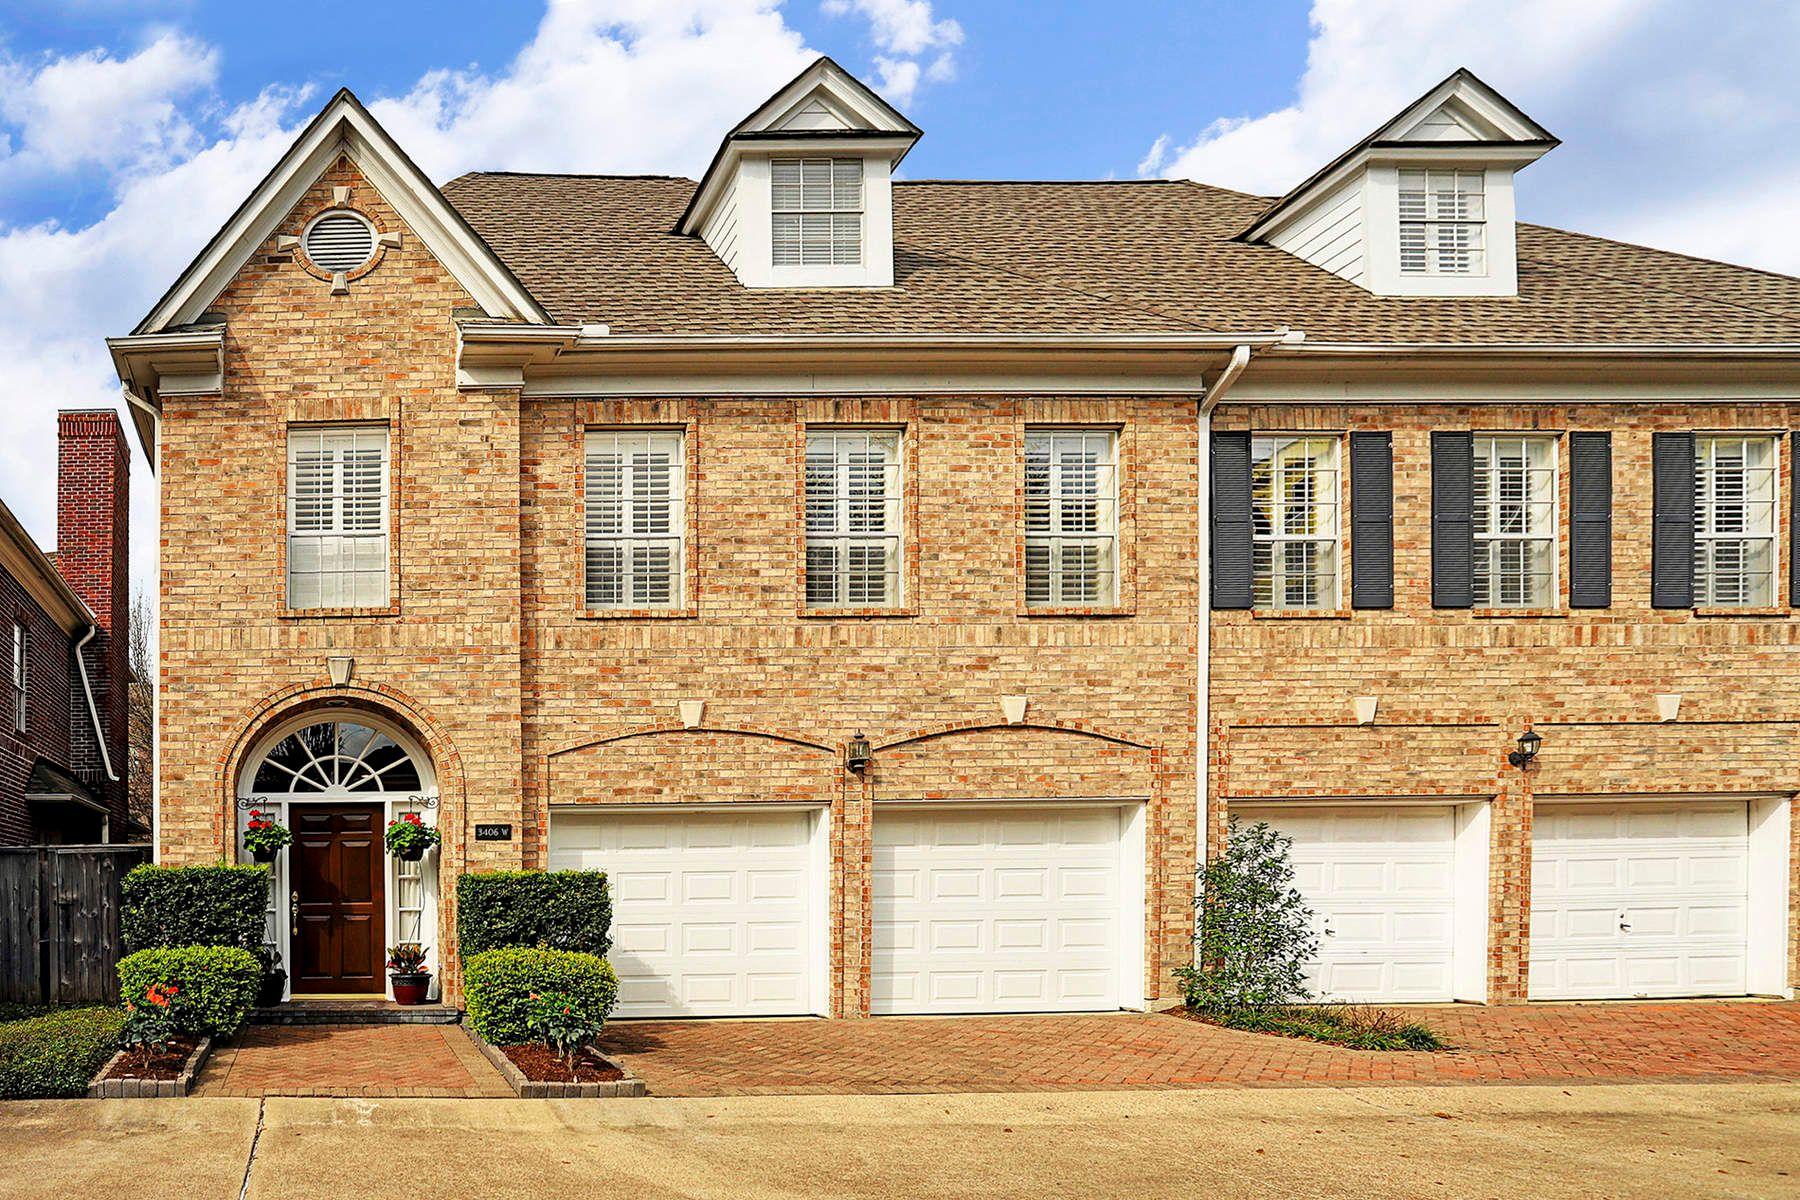 타운하우스 용 매매 에 3406 Sagecircle Houston, 텍사스, 77056 미국